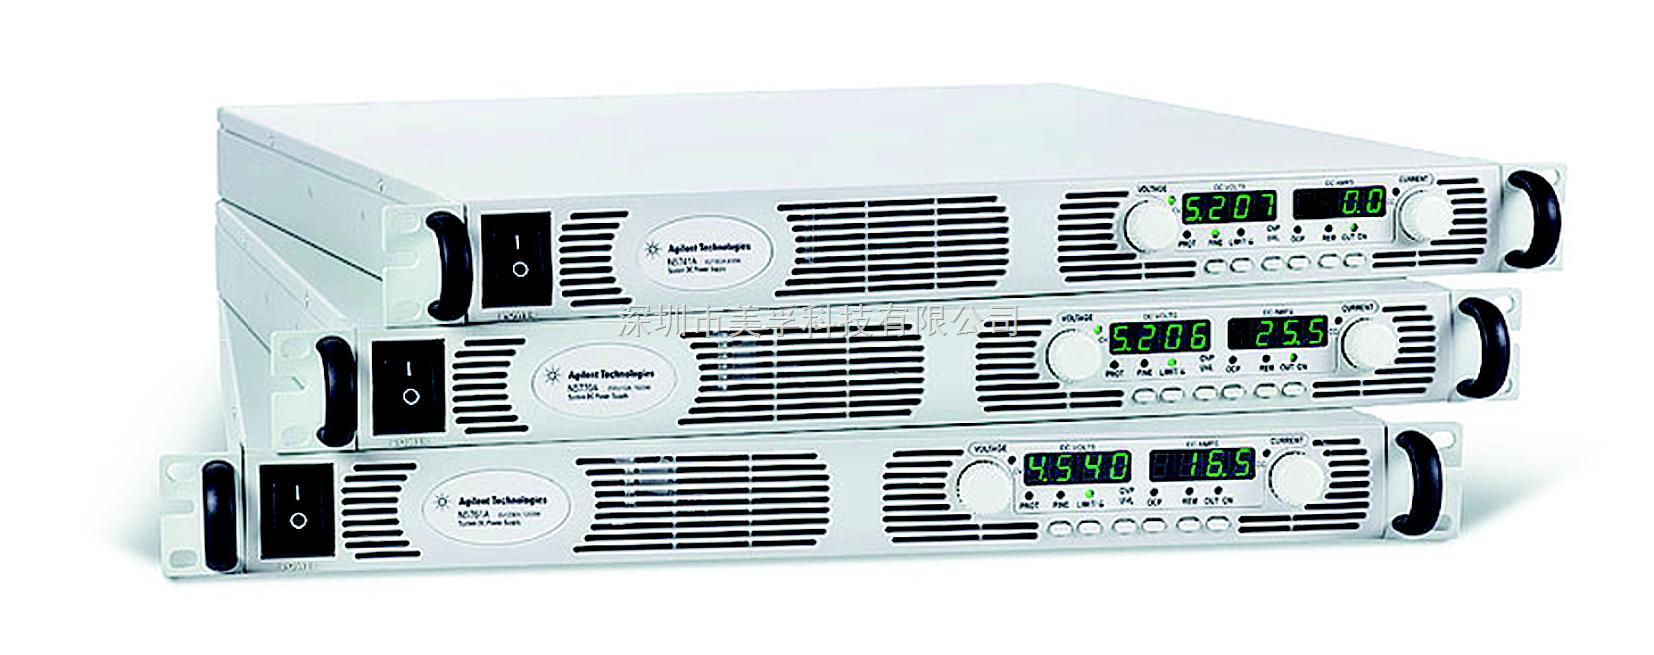 安捷伦n5761a直流电源